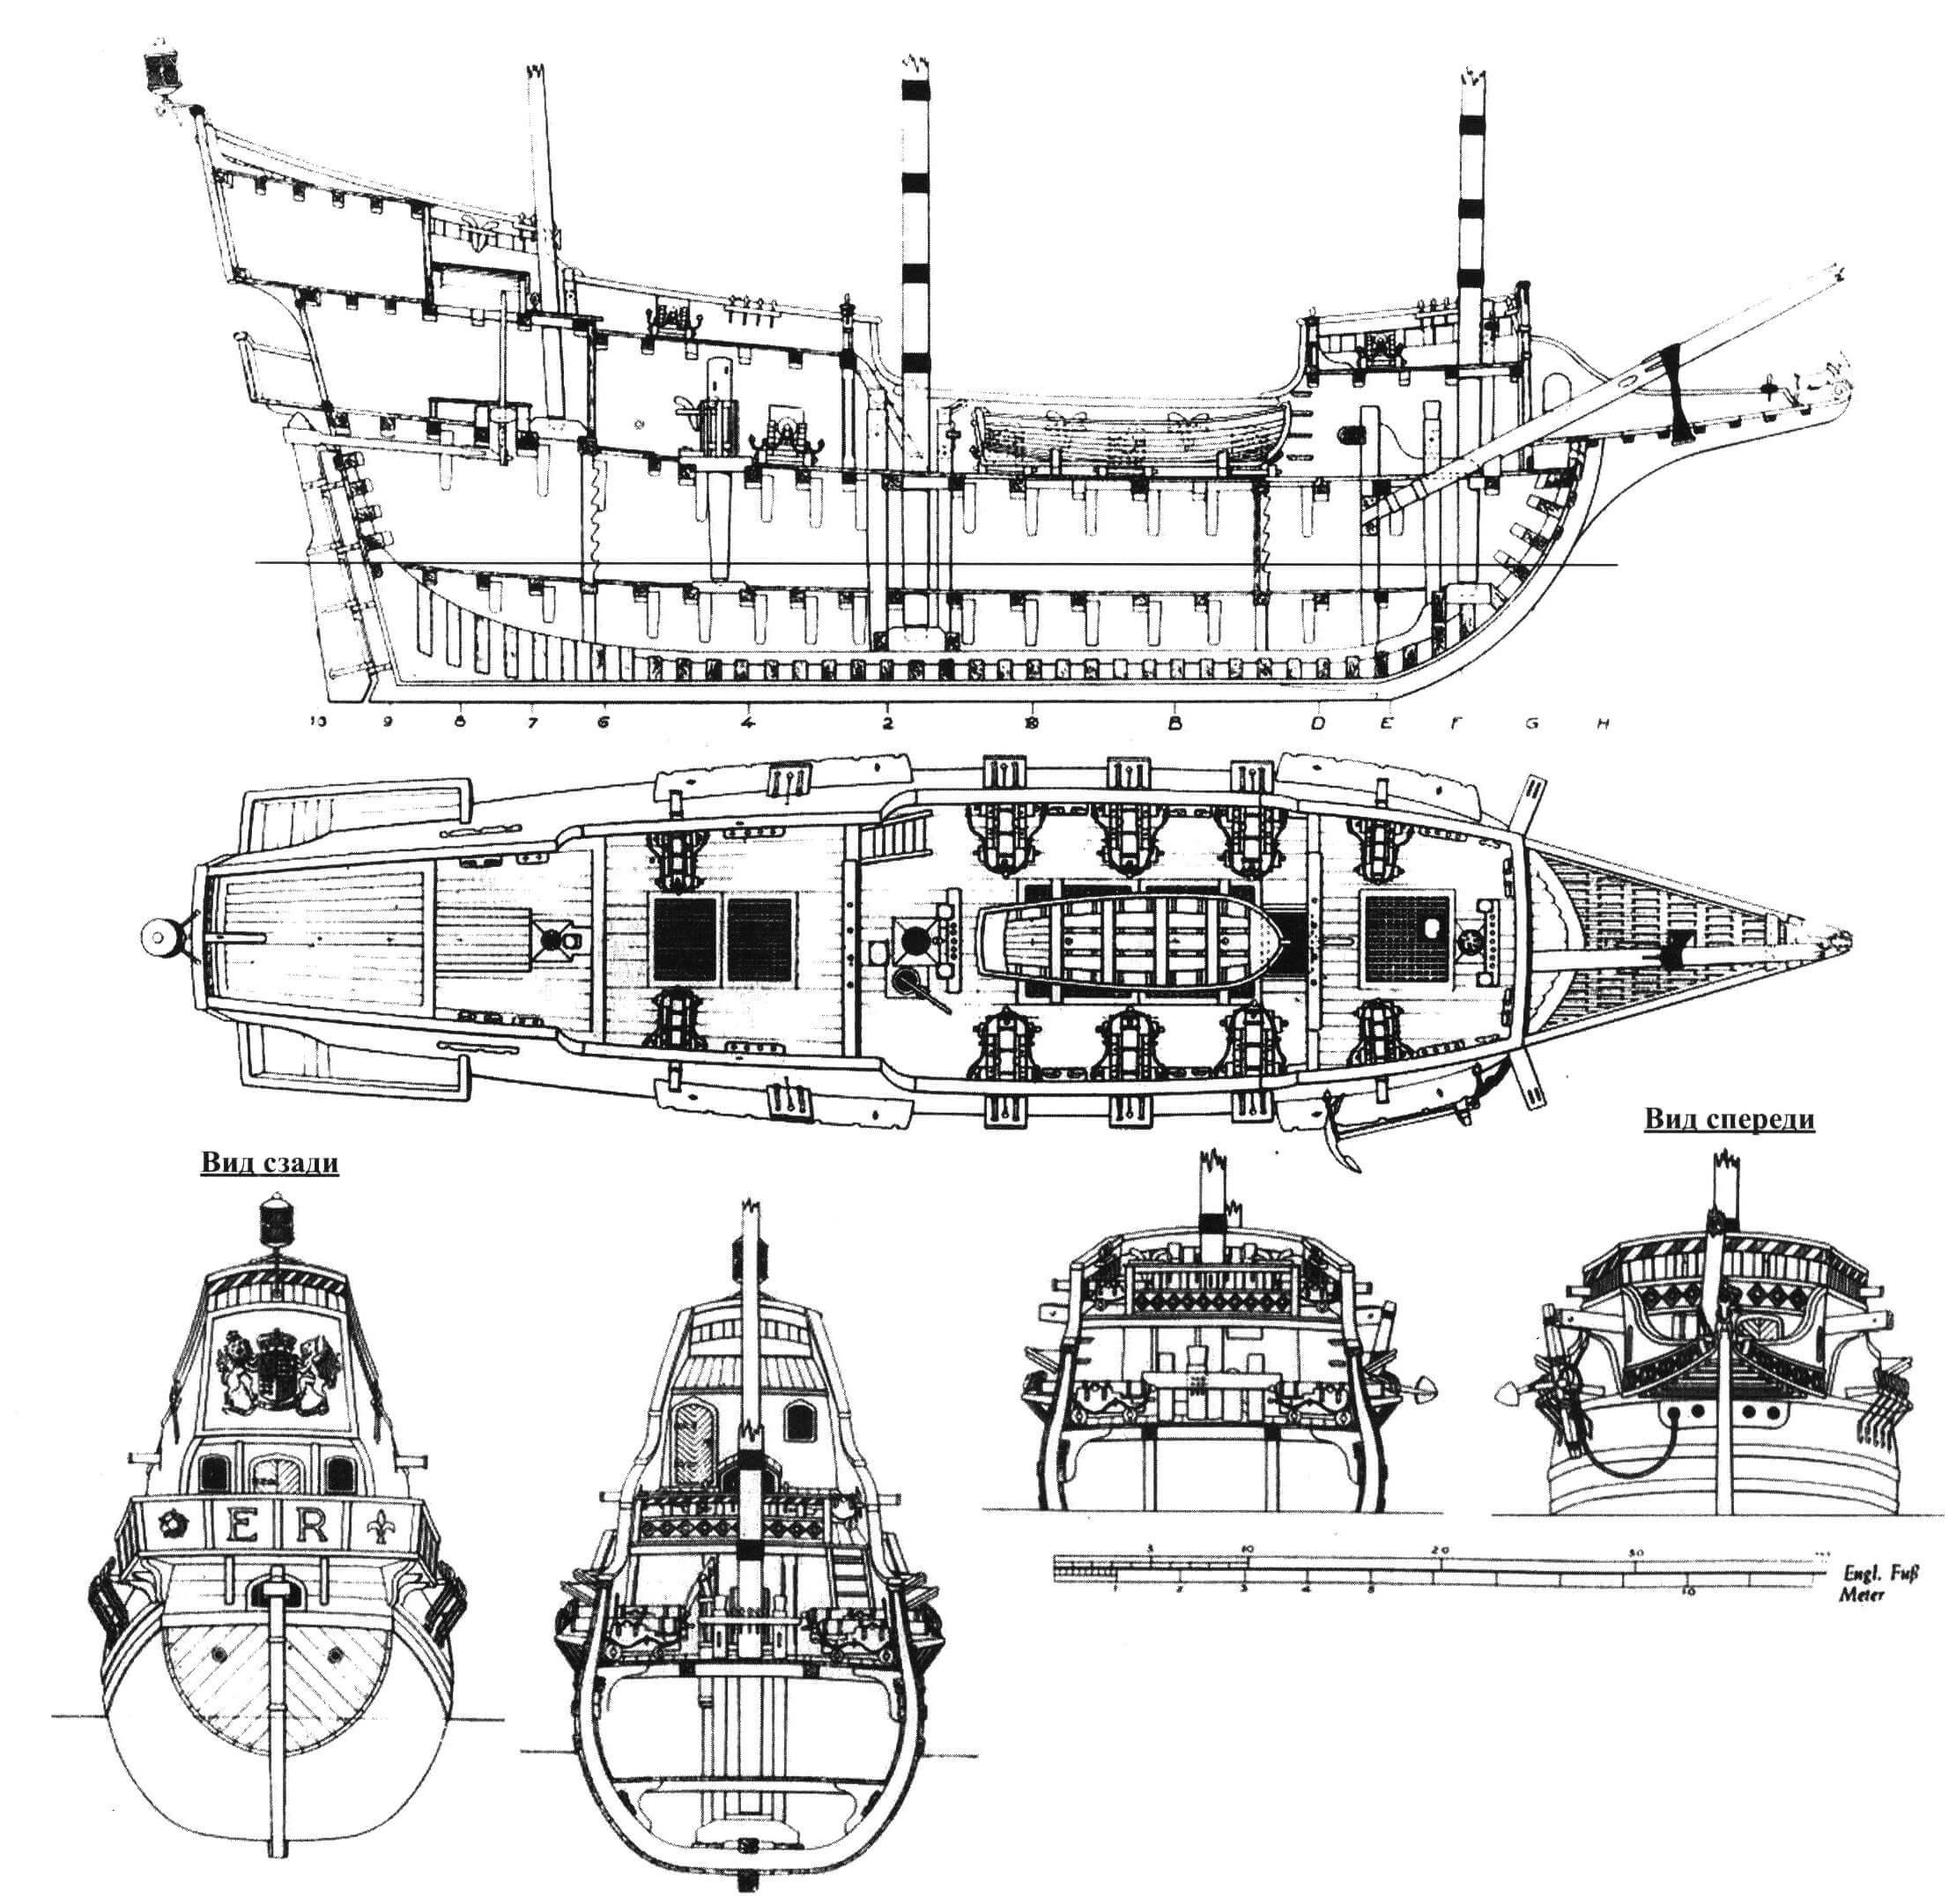 Внутренняя планировка и вид сверху «Голден Хайнд» (реконструкция); сечения корпуса по второй (слева) и первой мачтам